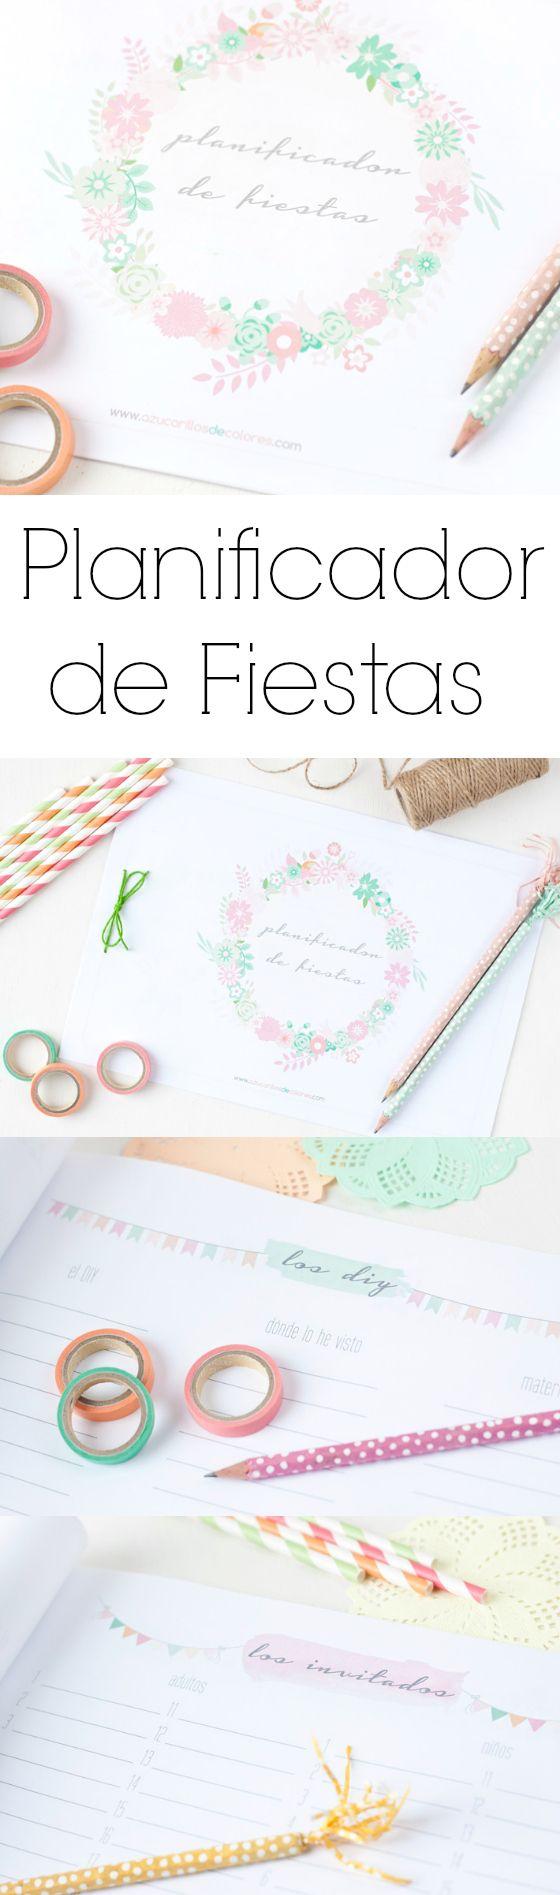 Planificador de Fiestas imprimible gratis para suscriptores! http://www.azucarillosdecolores.com/2014/10/planificador-de-fiestas-imprimible-y.html